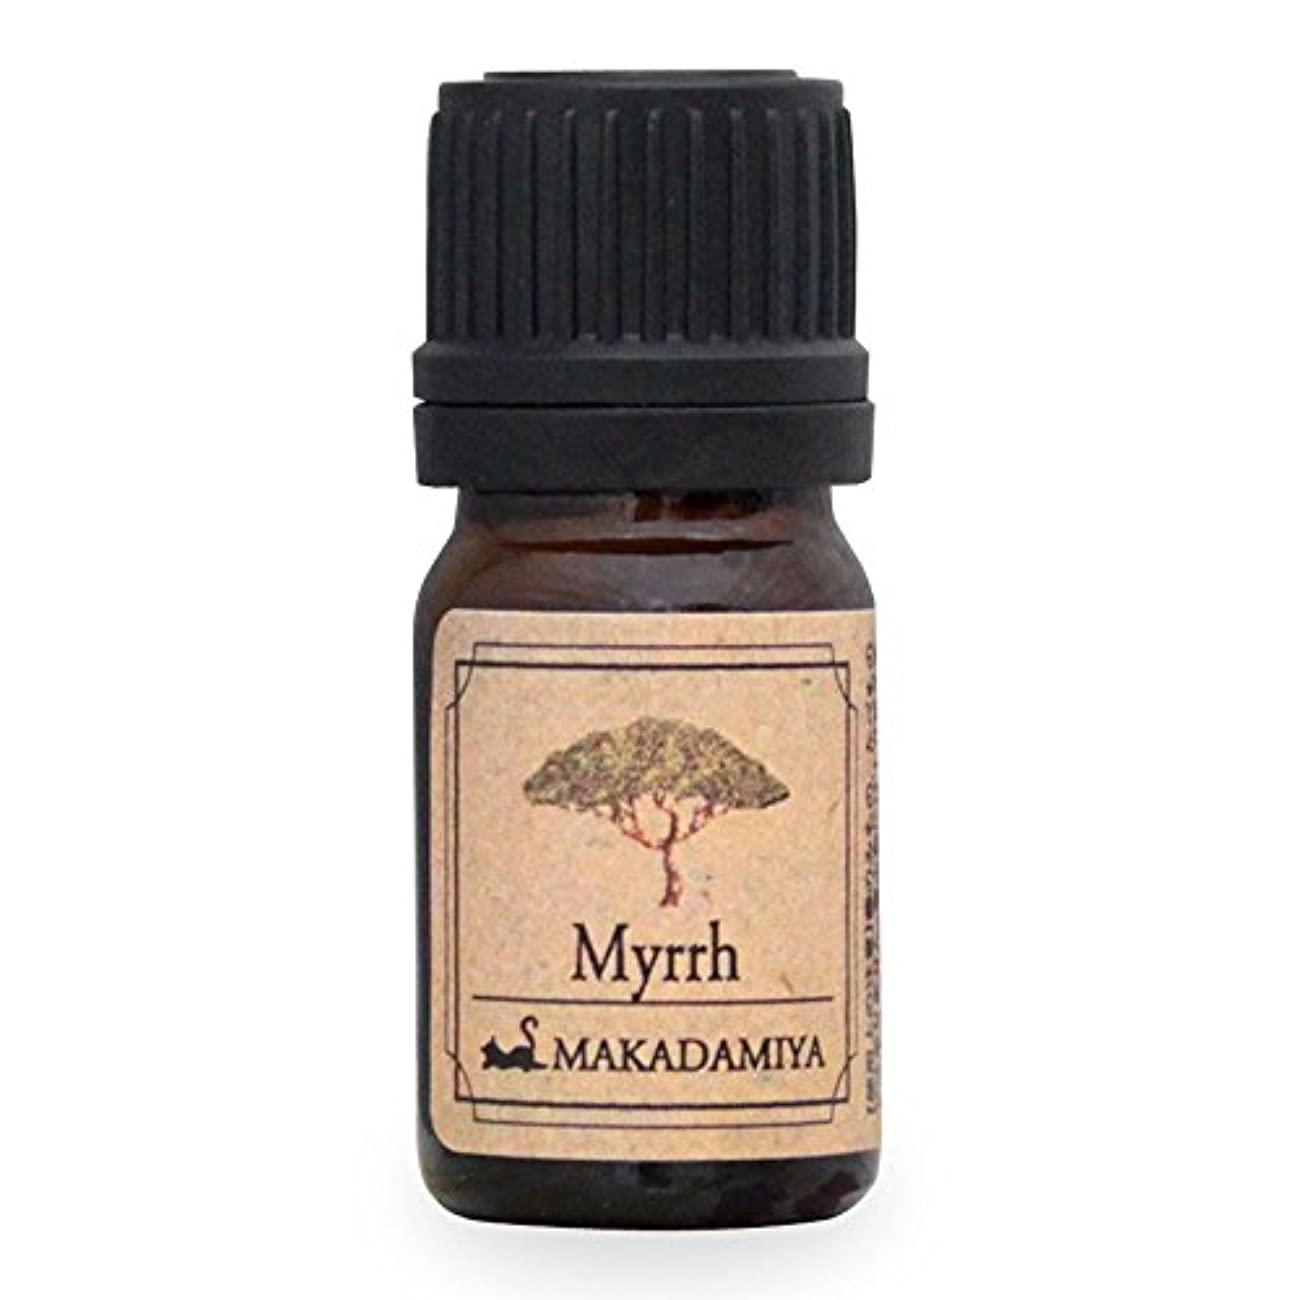 フィッティング捧げる略奪ミルラ5ml 天然100%植物性 エッセンシャルオイル(精油) アロマオイル アロママッサージ aroma Myrrh